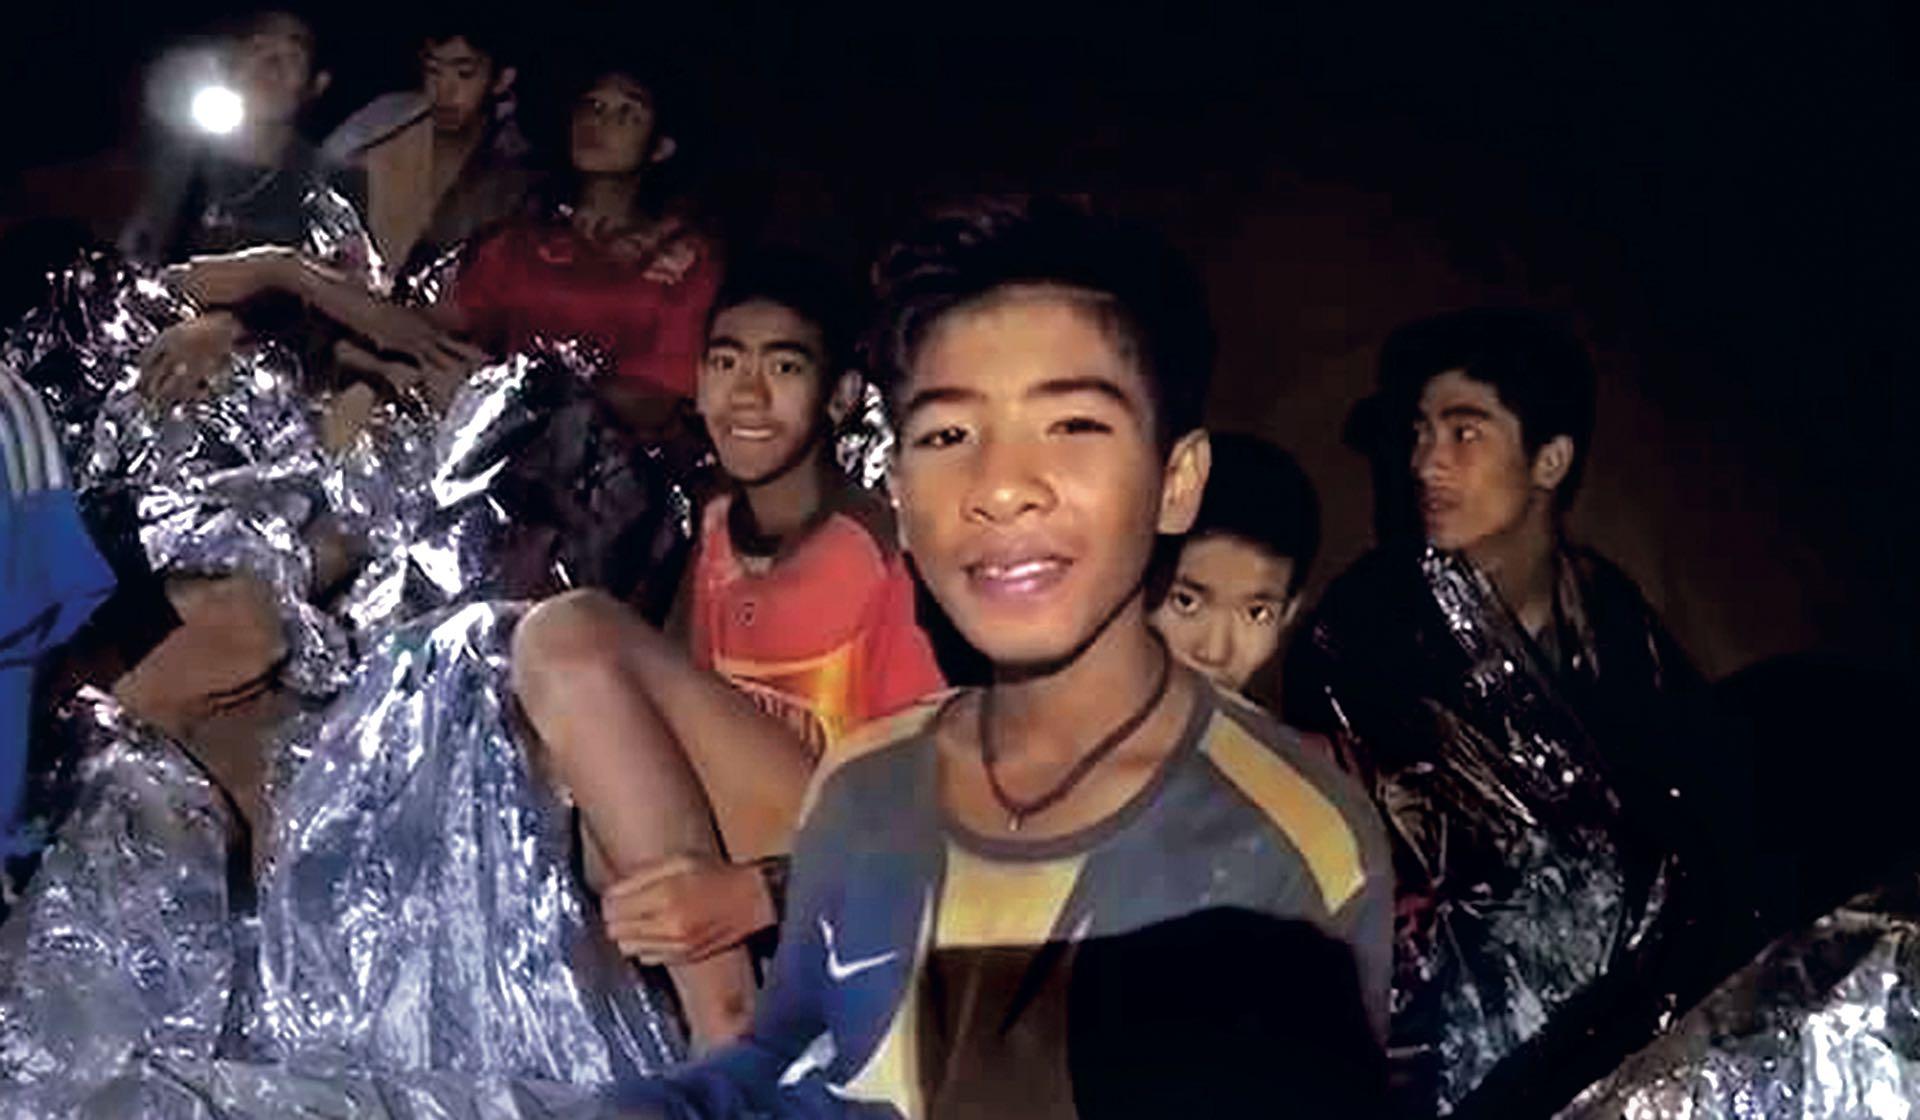 Los niños en la cueva. (Fotos: AFP y Facebook)